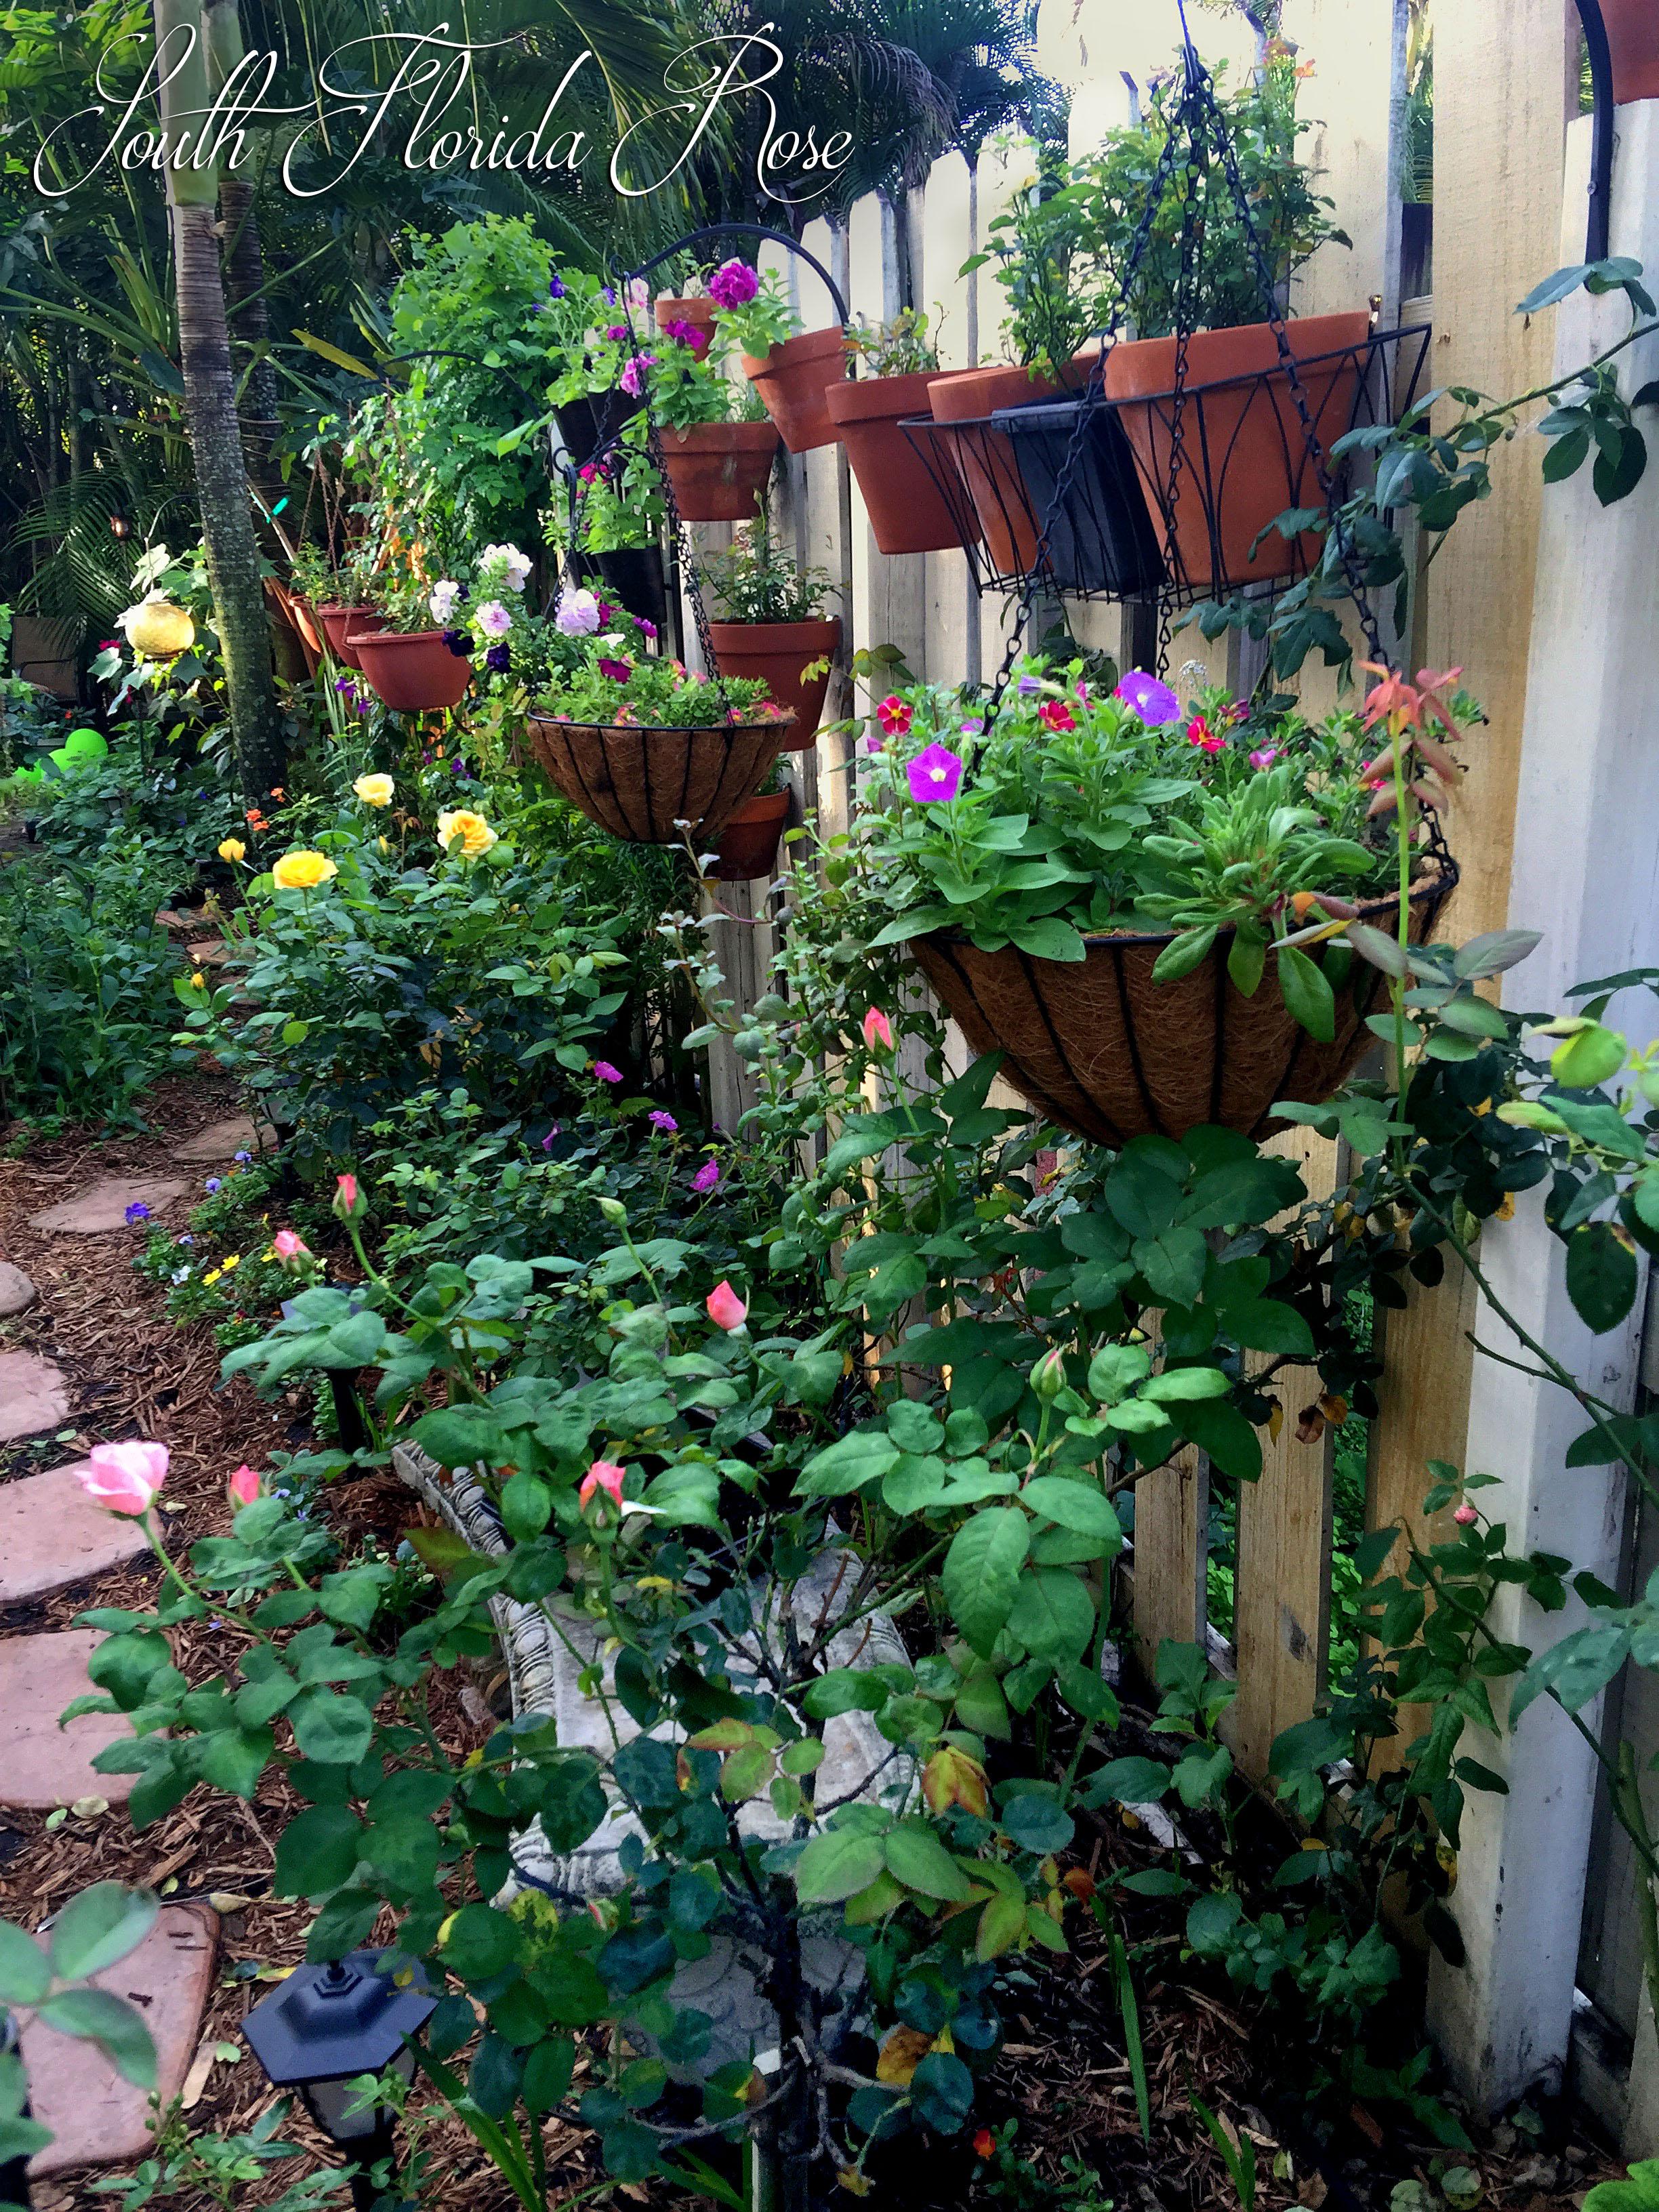 A Rose Garden In South Florida